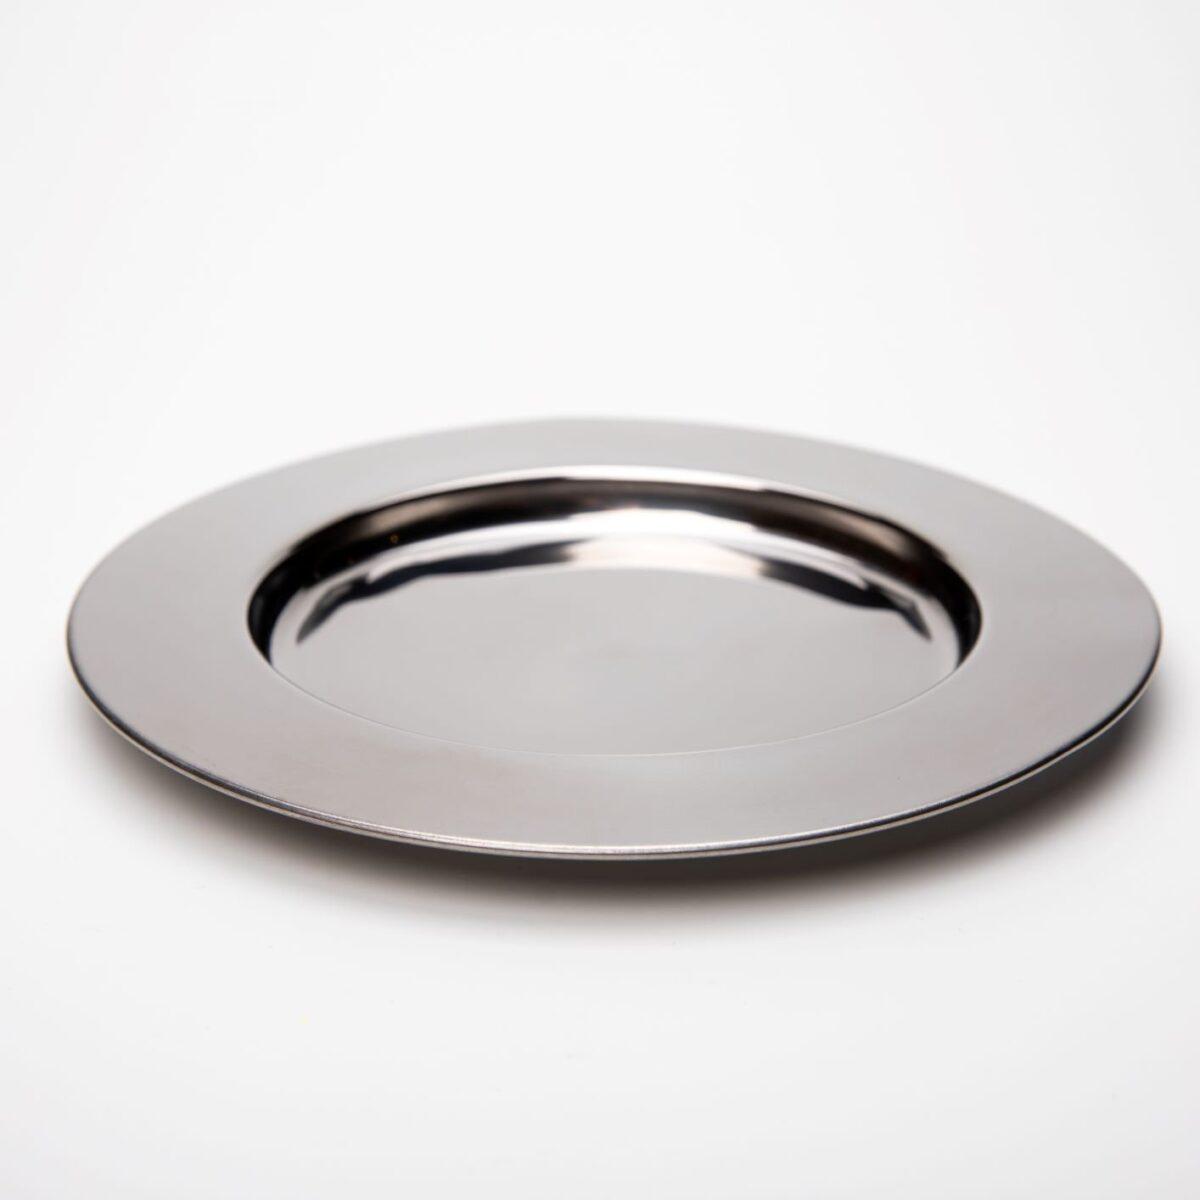 Nerezový talíř stainless steel 23,5 cm s vlastním textem nebo logem - 412342